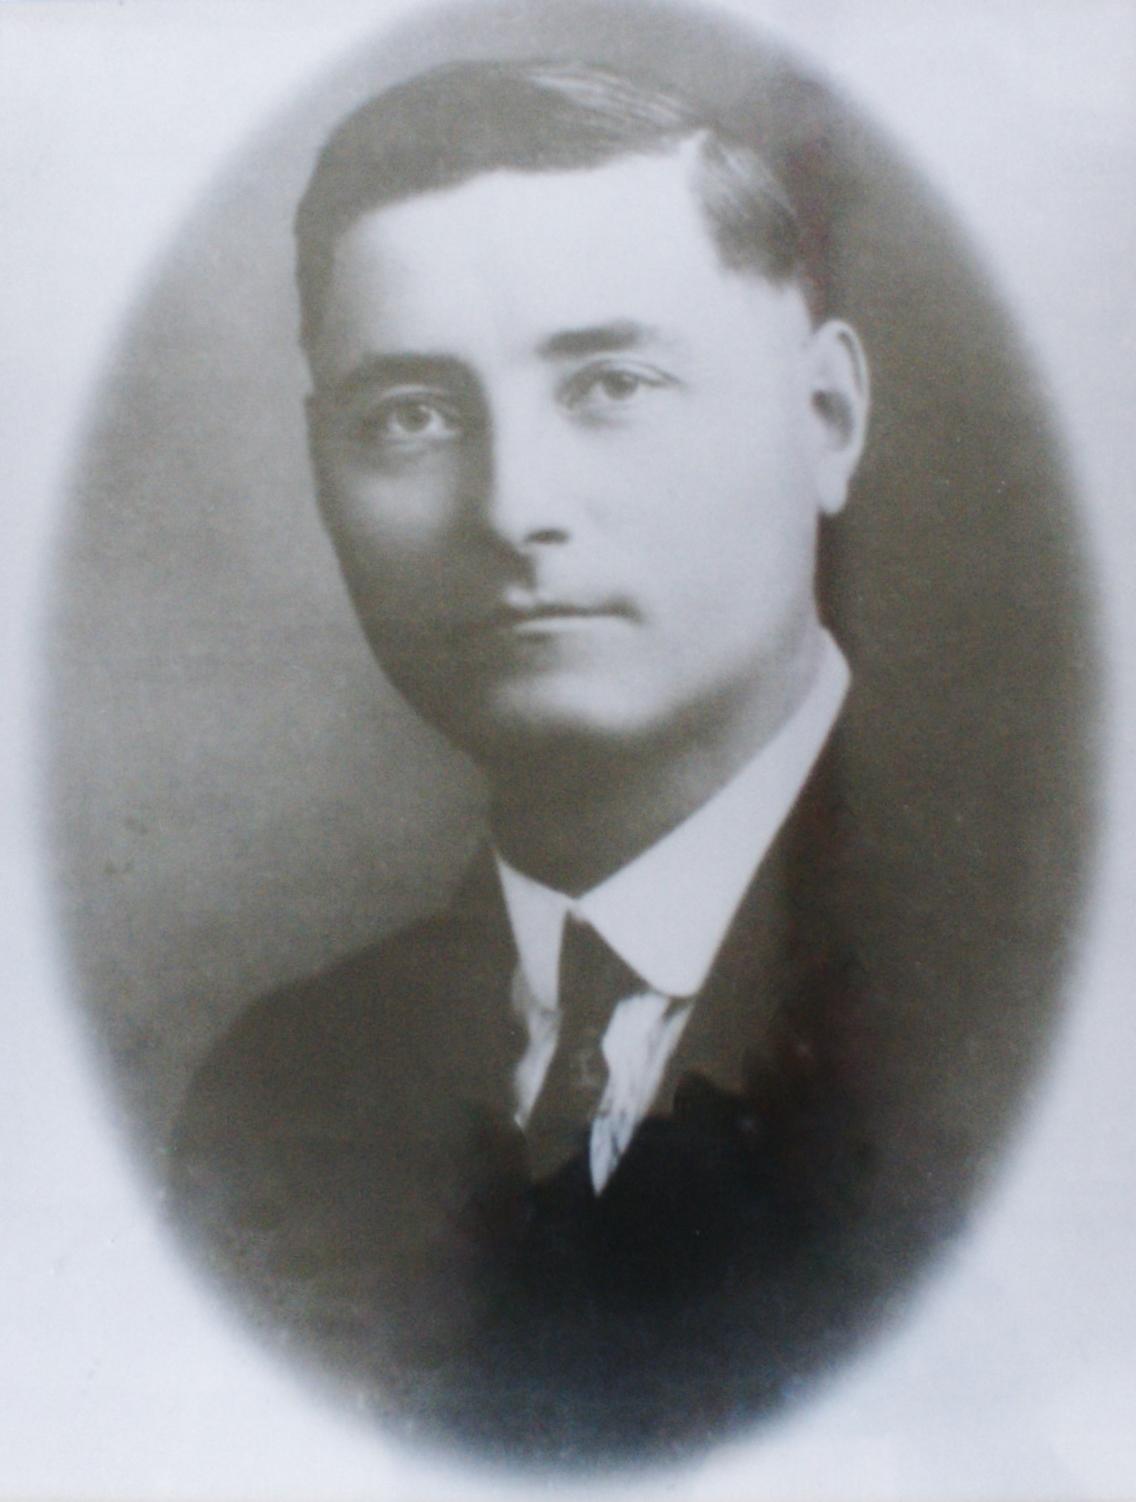 G.B. Airhart 1916